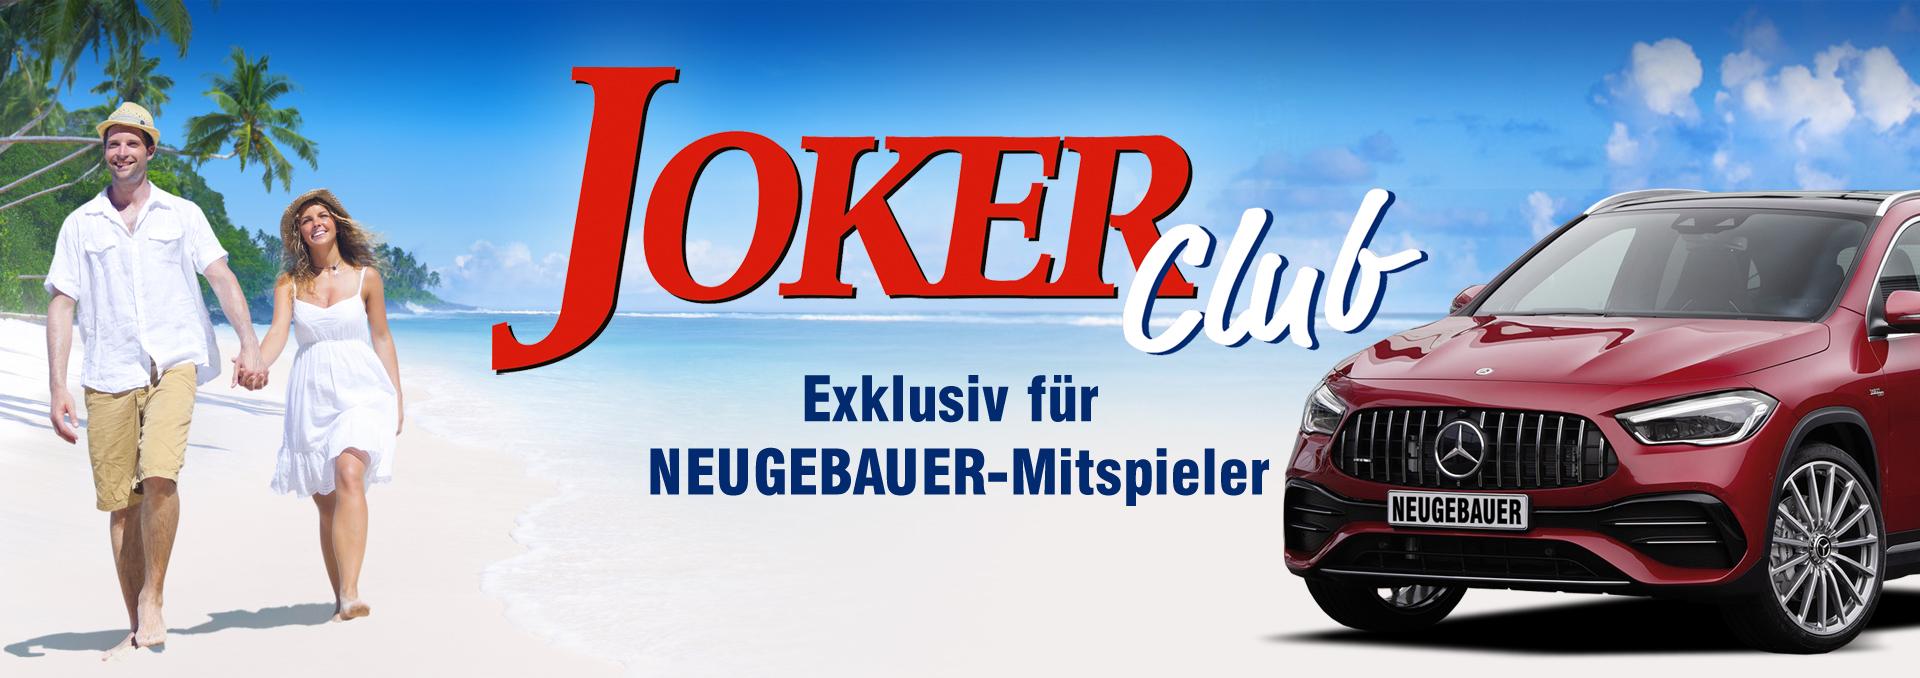 NKL Joker Club